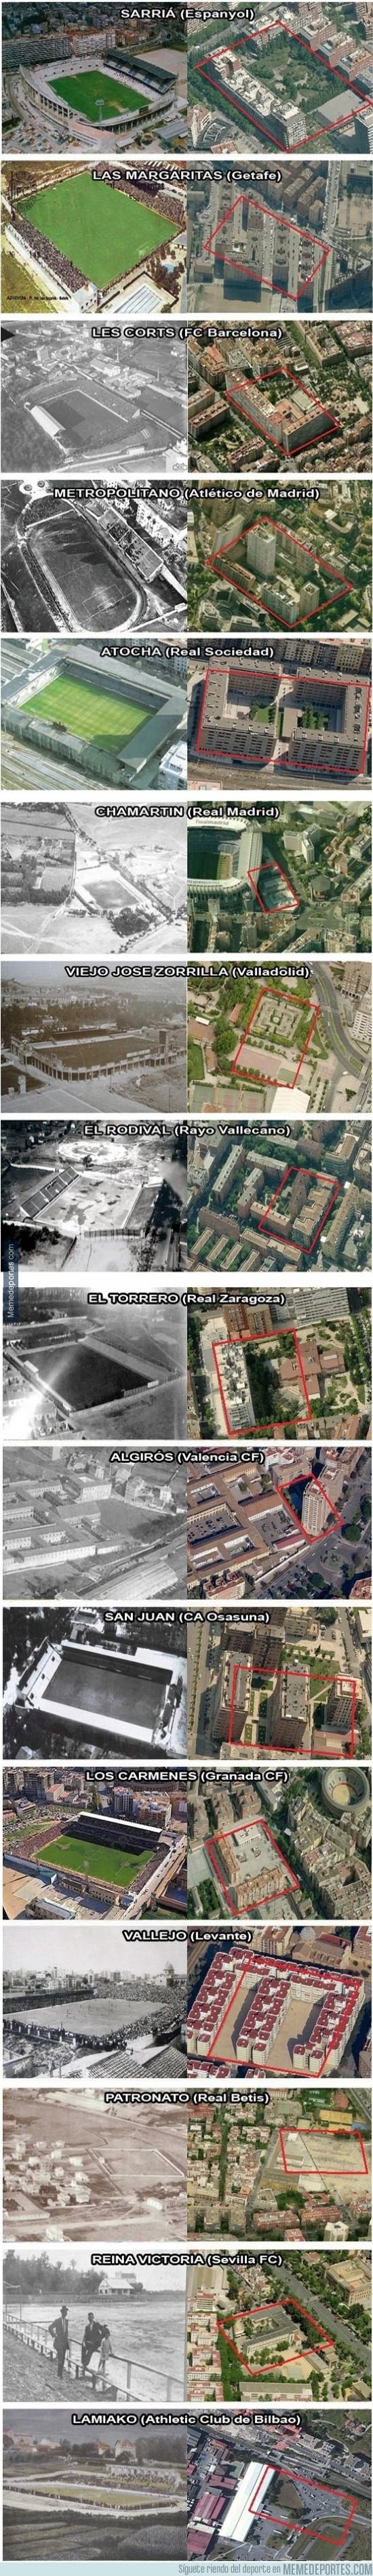 227222 - Los míticos estadios españoles, ayer y hoy - Parte I y II. (Por @mistergrobe)